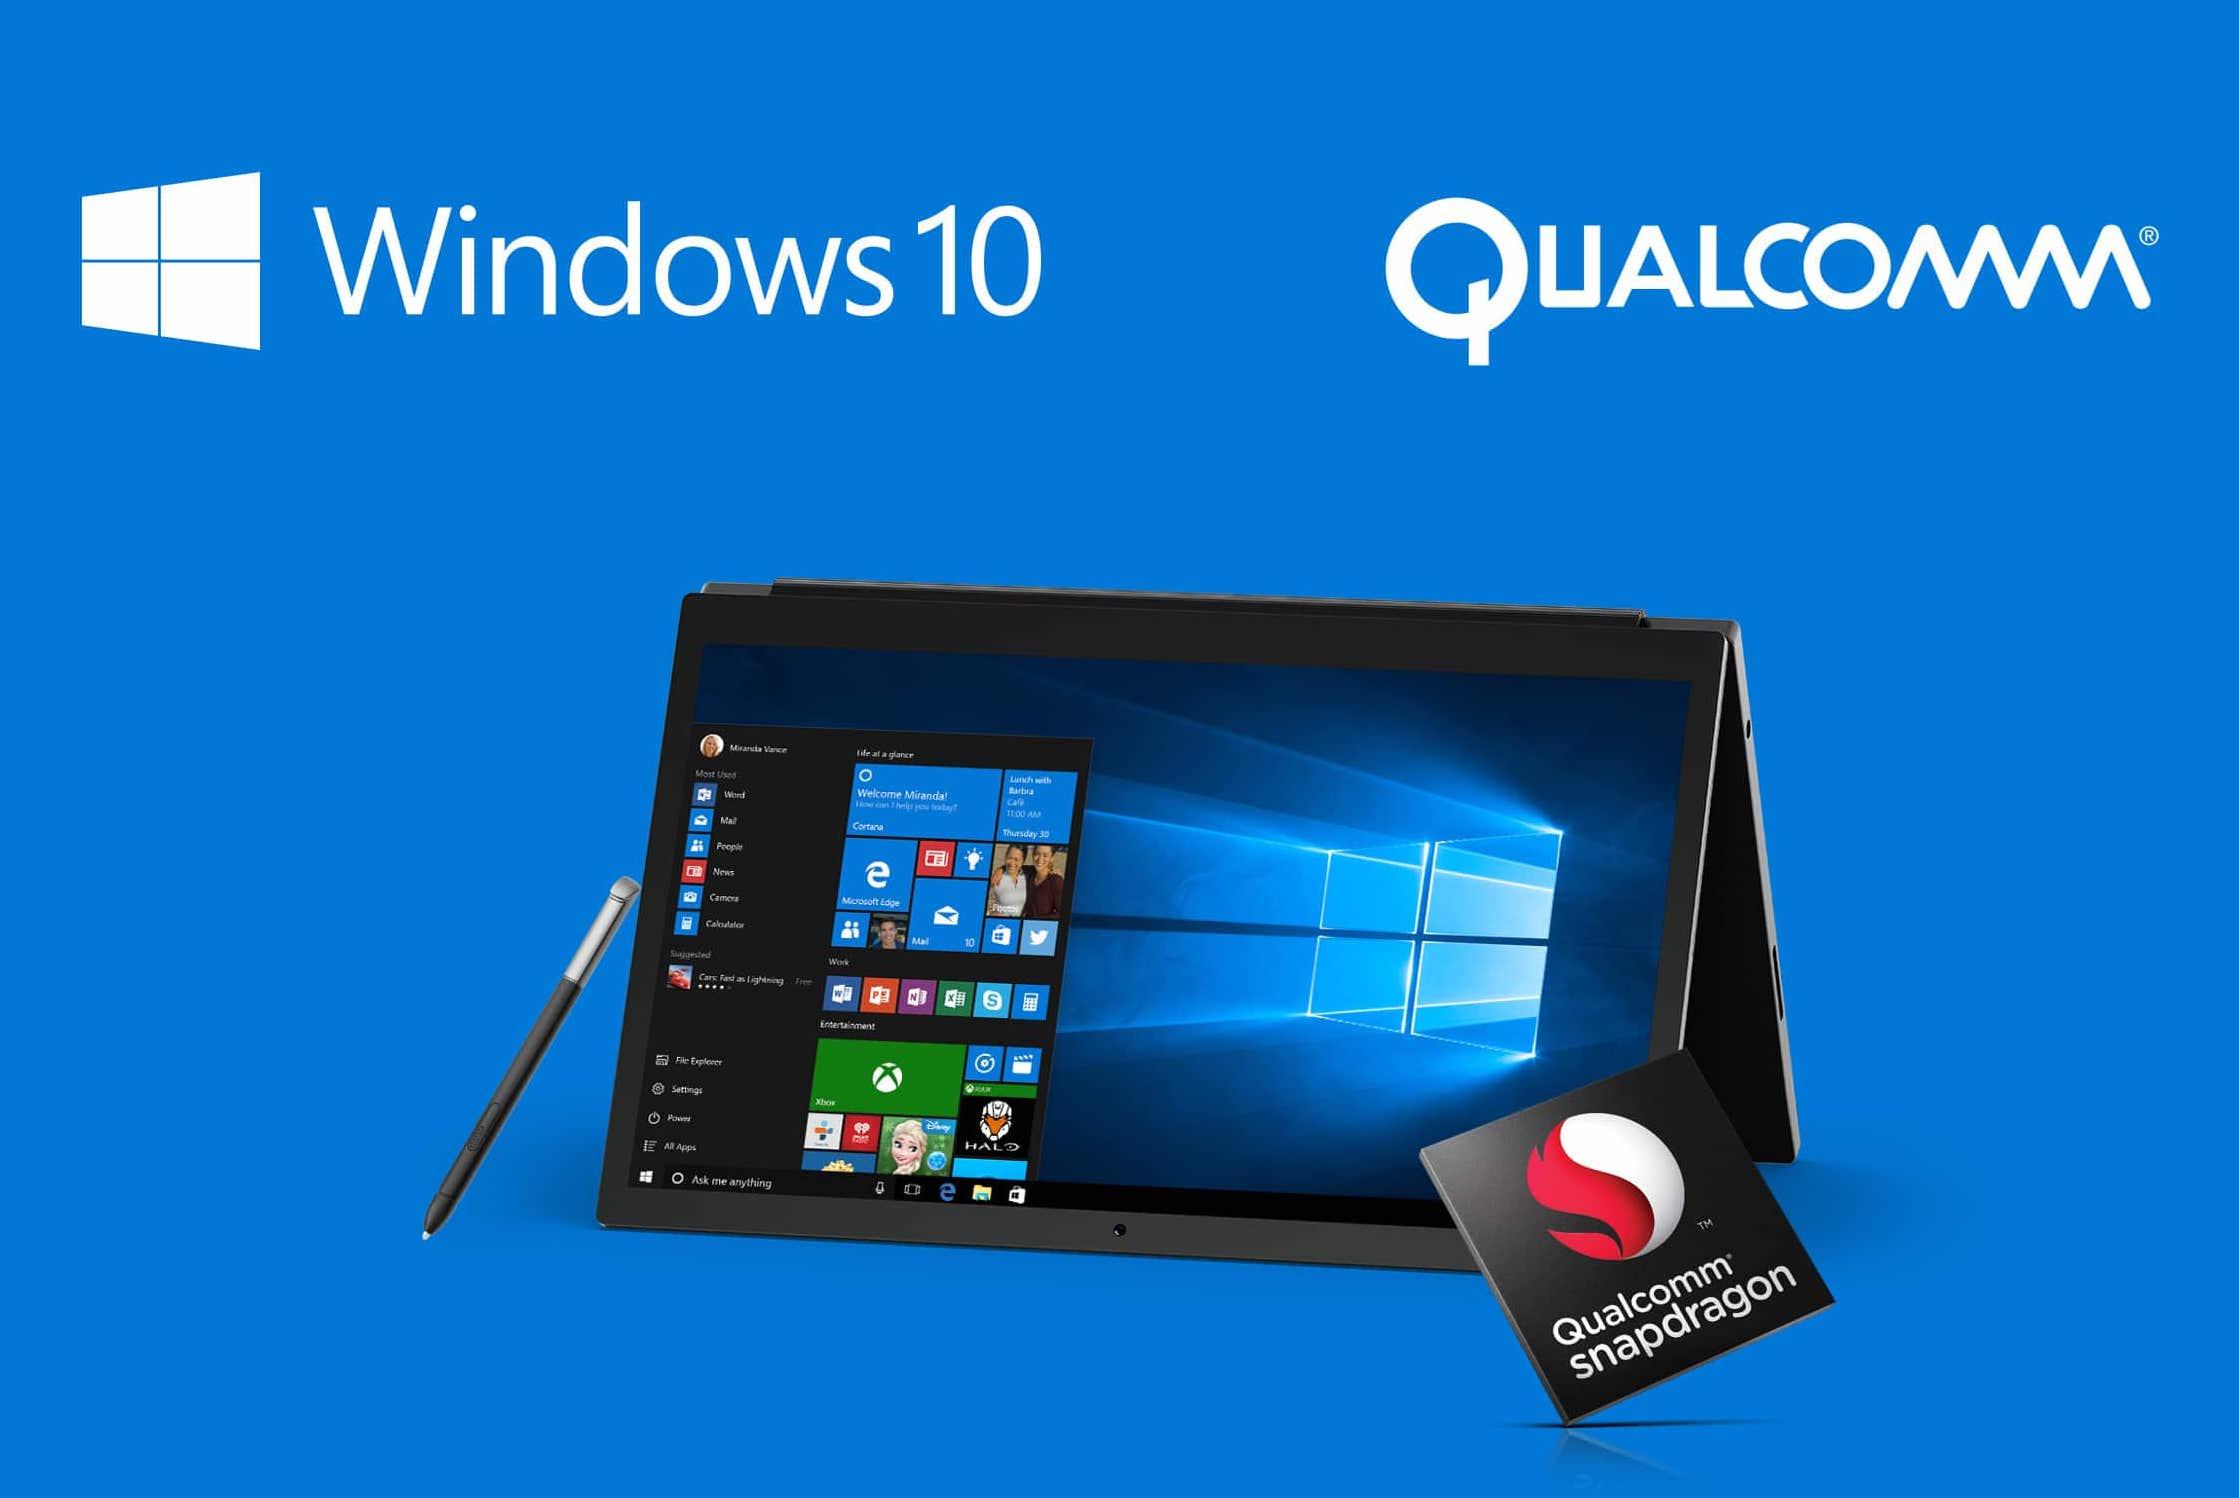 ВMicrosoft случайно рассекретили новую Windows